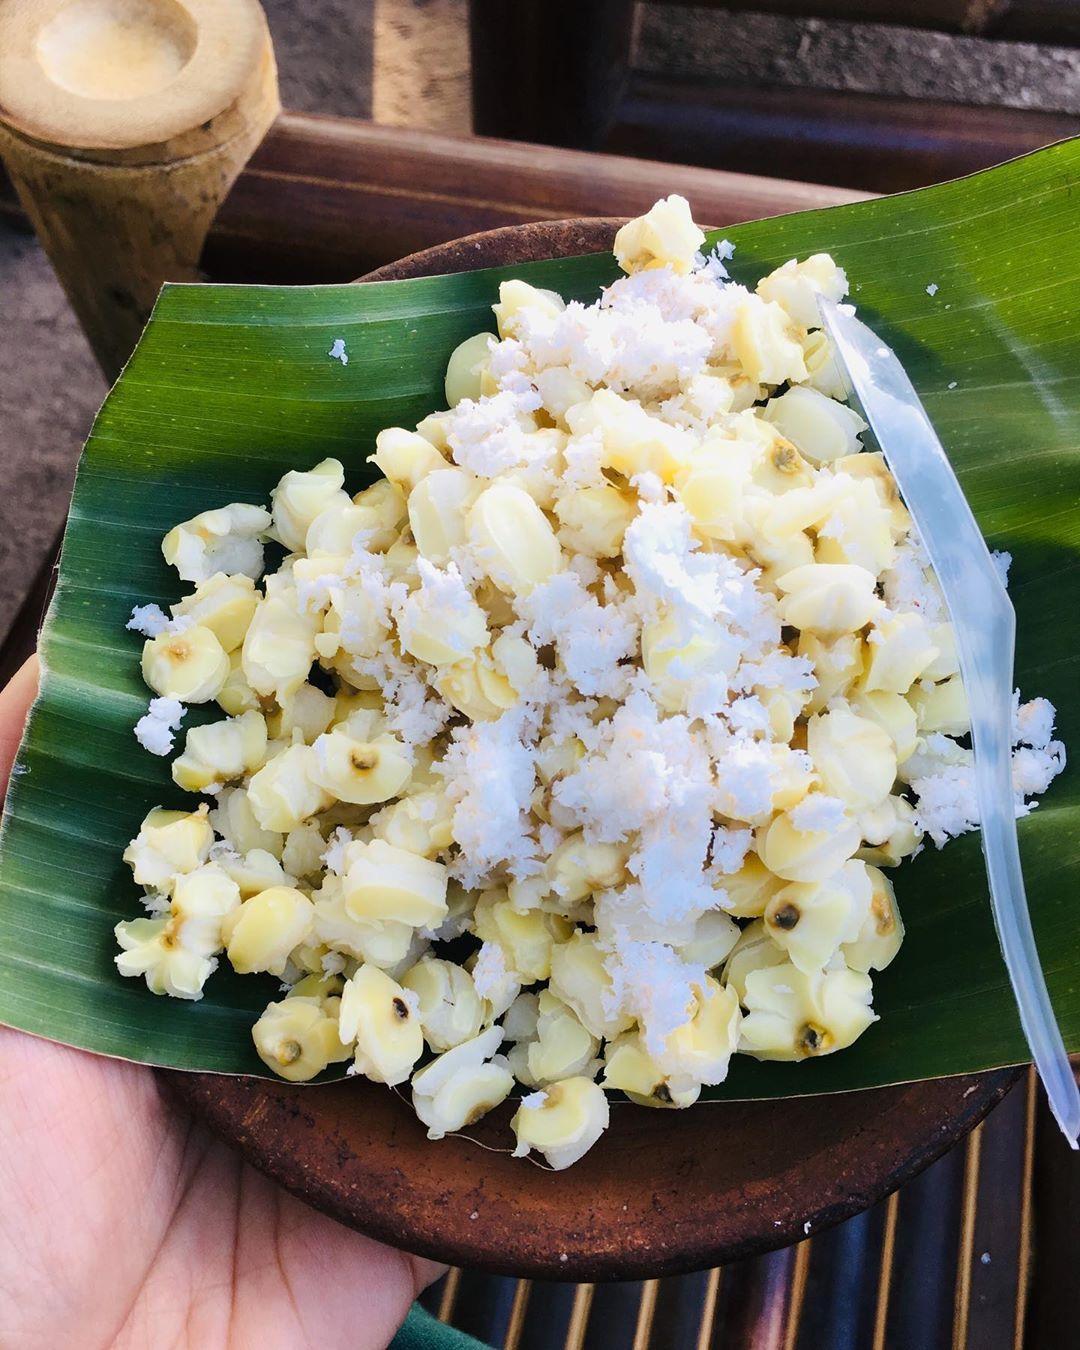 Lusyana Dewi On Instagram Makanan Ini Namanya Grontol Jagung Sesuai Namanya Pasti Terbuat Dari Jagung Yg Direbus Dan Dikasi Indonesian Food Food Feta Cheese